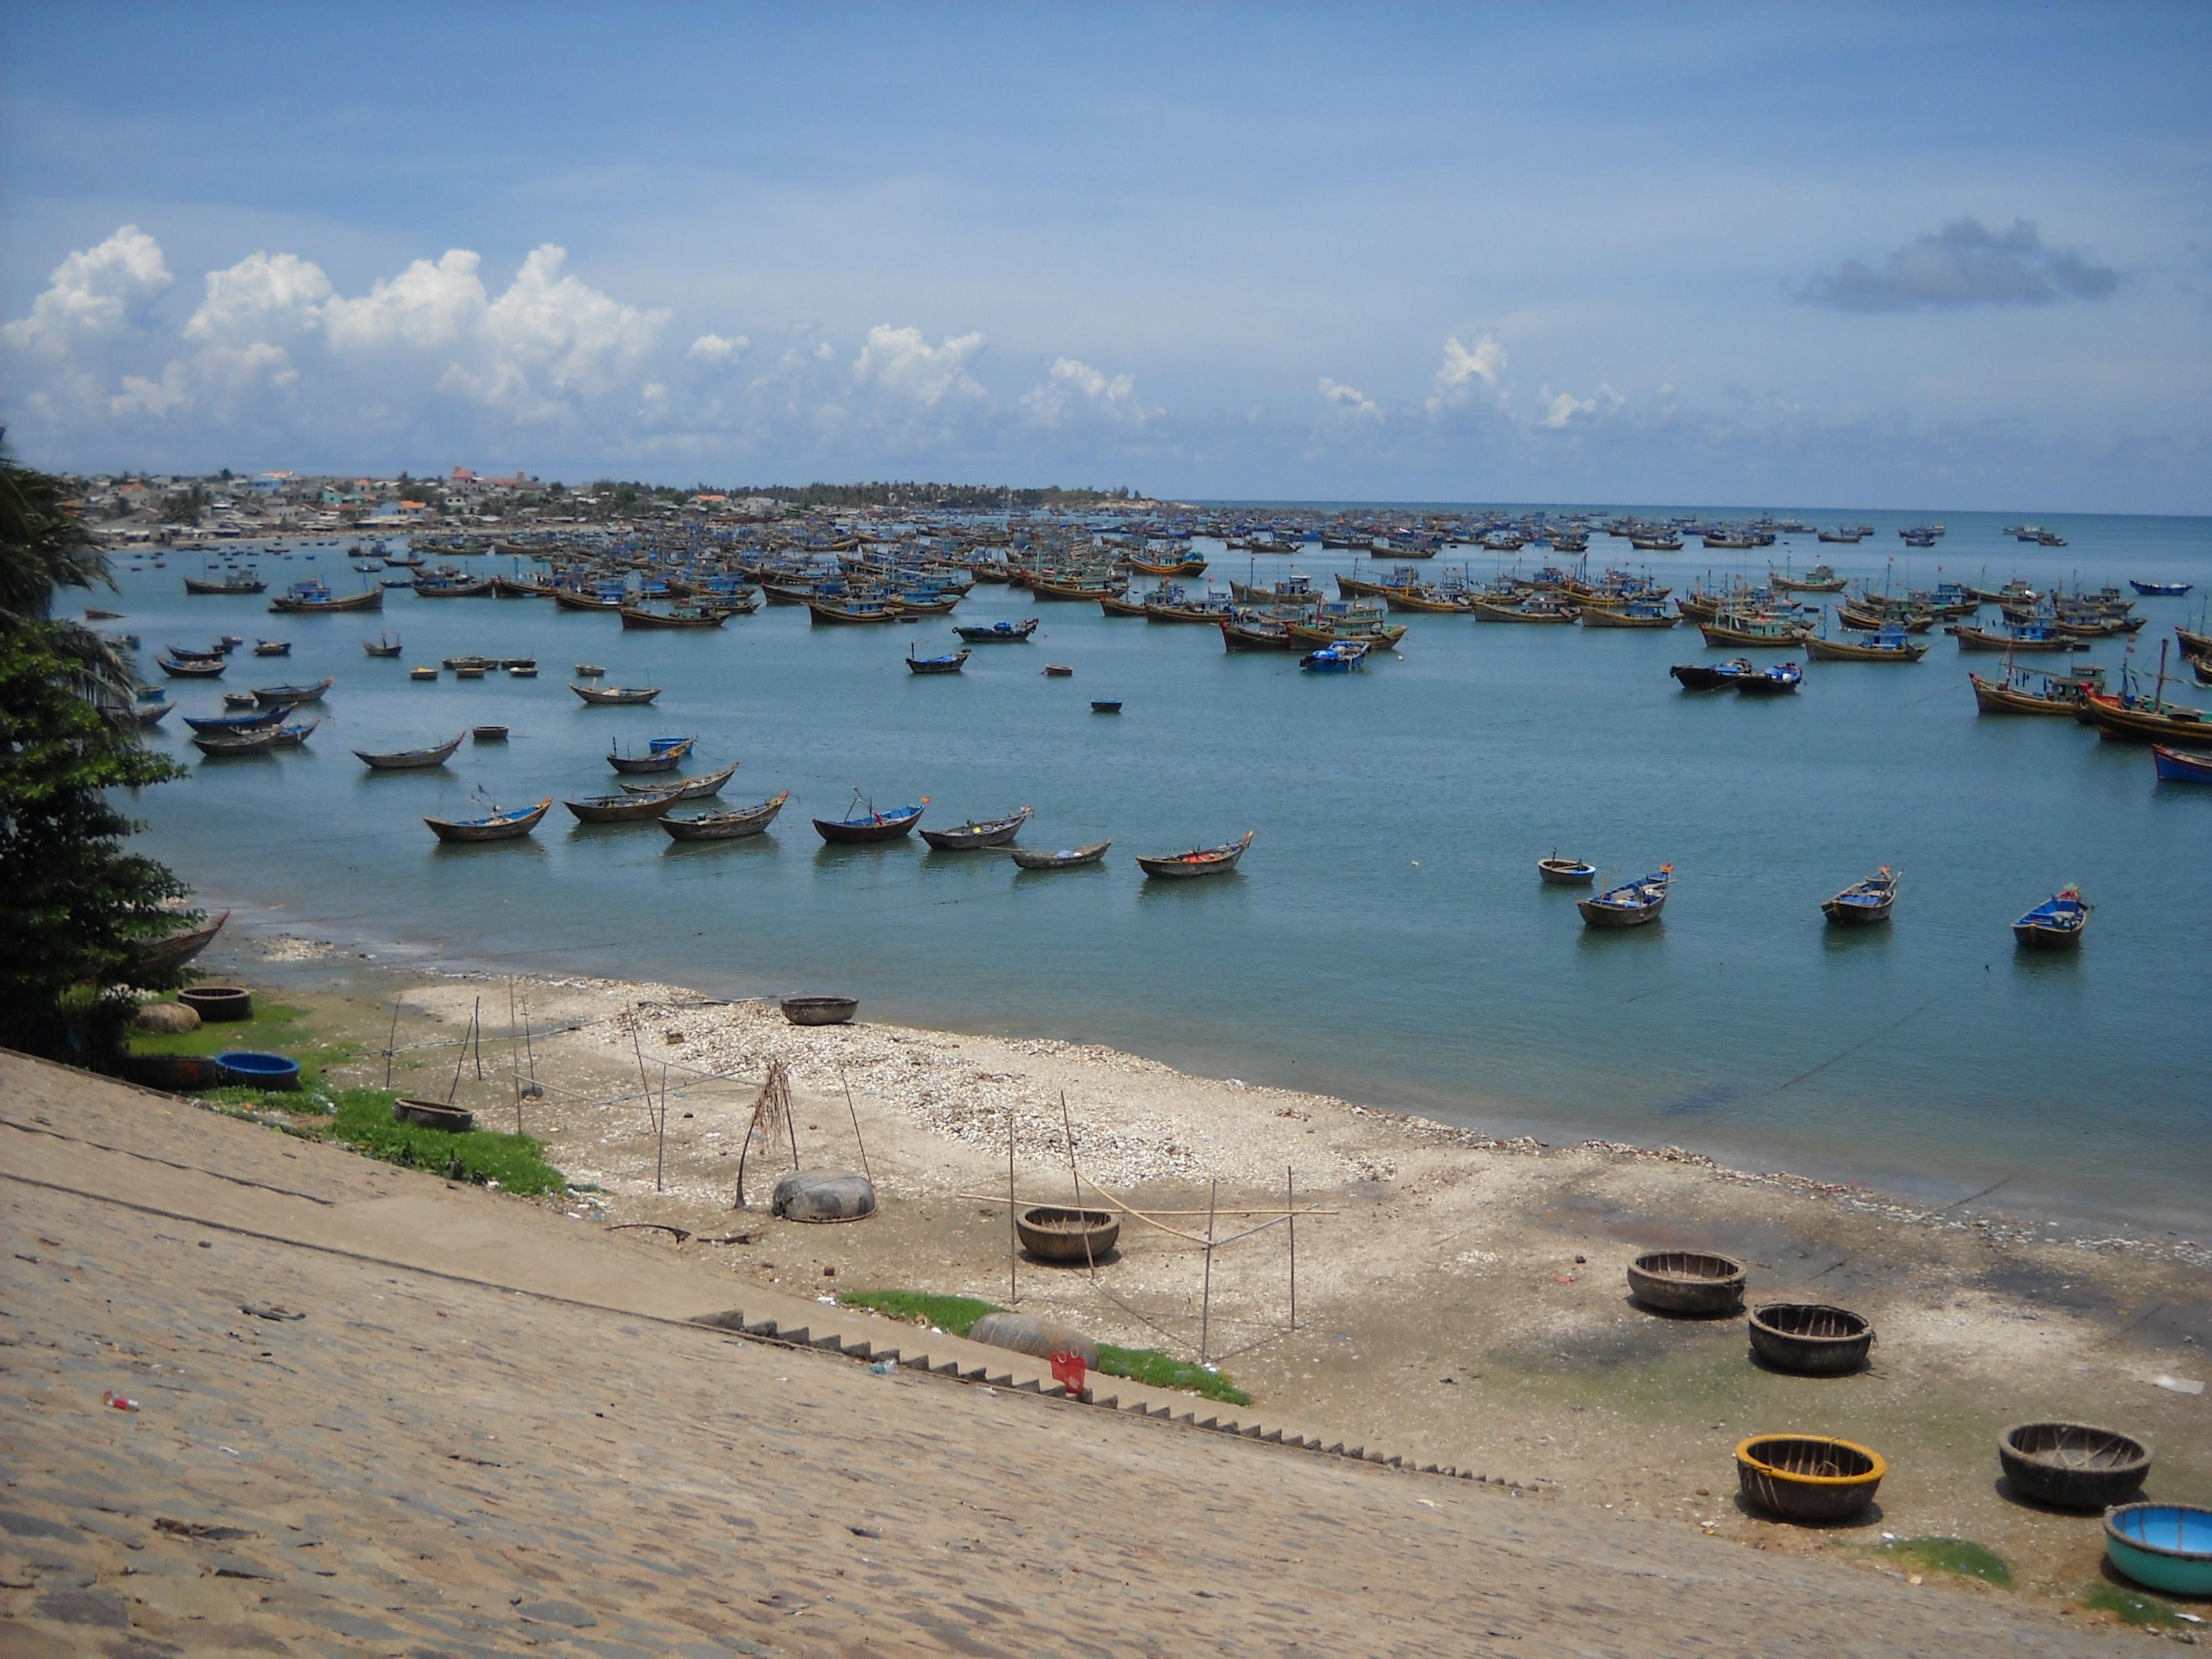 Bán nhớt Shell Advance chính hãng tại Bình Thuận